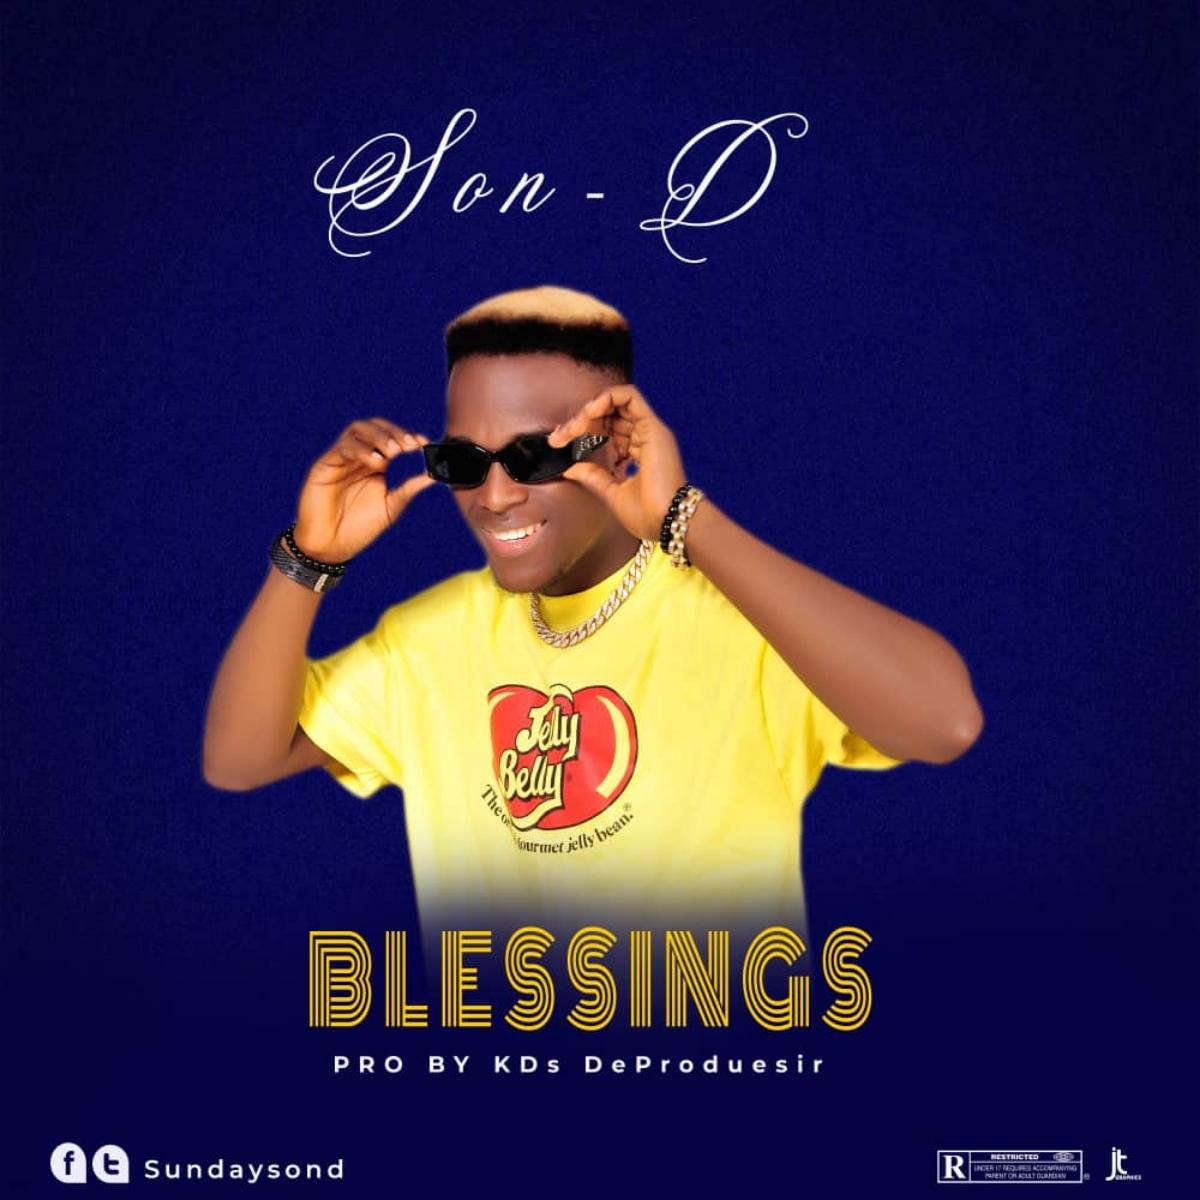 Son D – Blessings (Prod. KDs DeProduesir)